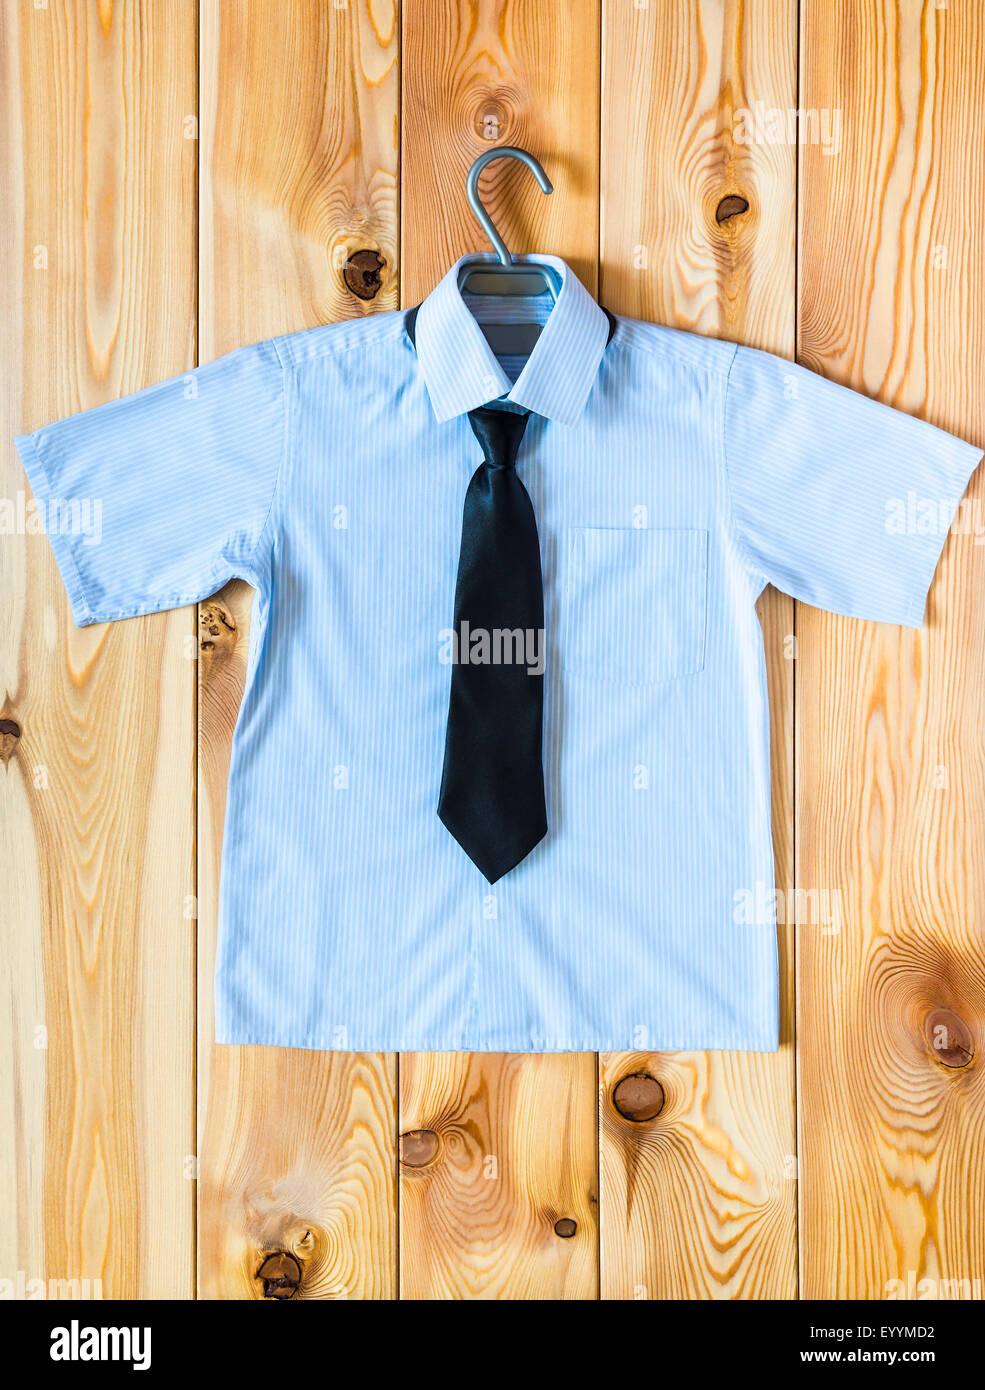 Children's shirt à manches courtes et cravate vue supérieure Photo Stock